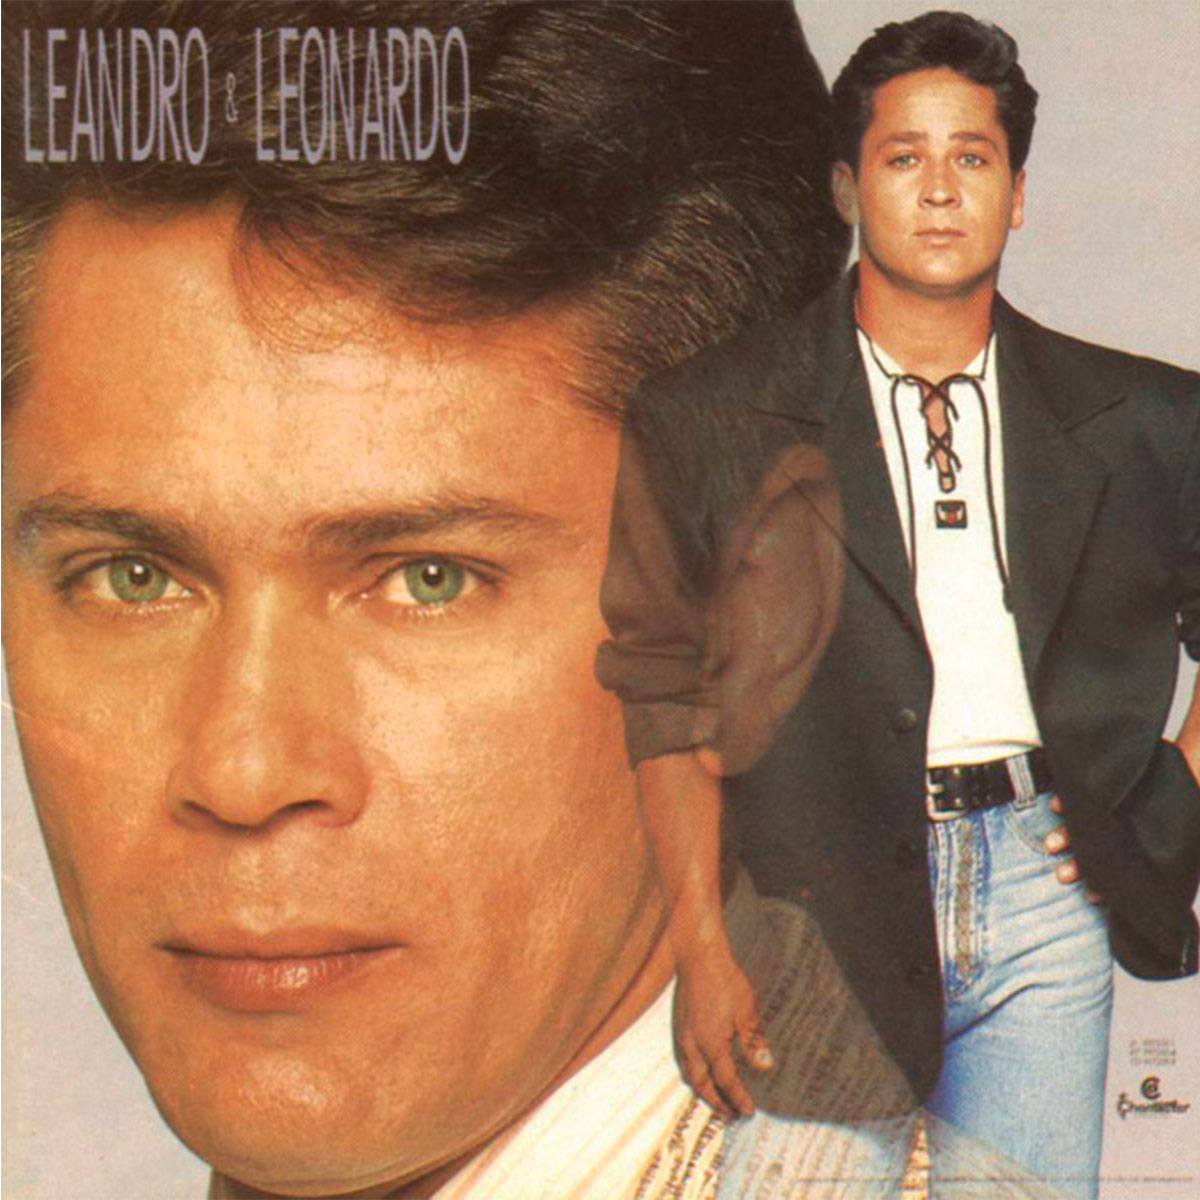 CD Leandro & Leonardo Volume 8